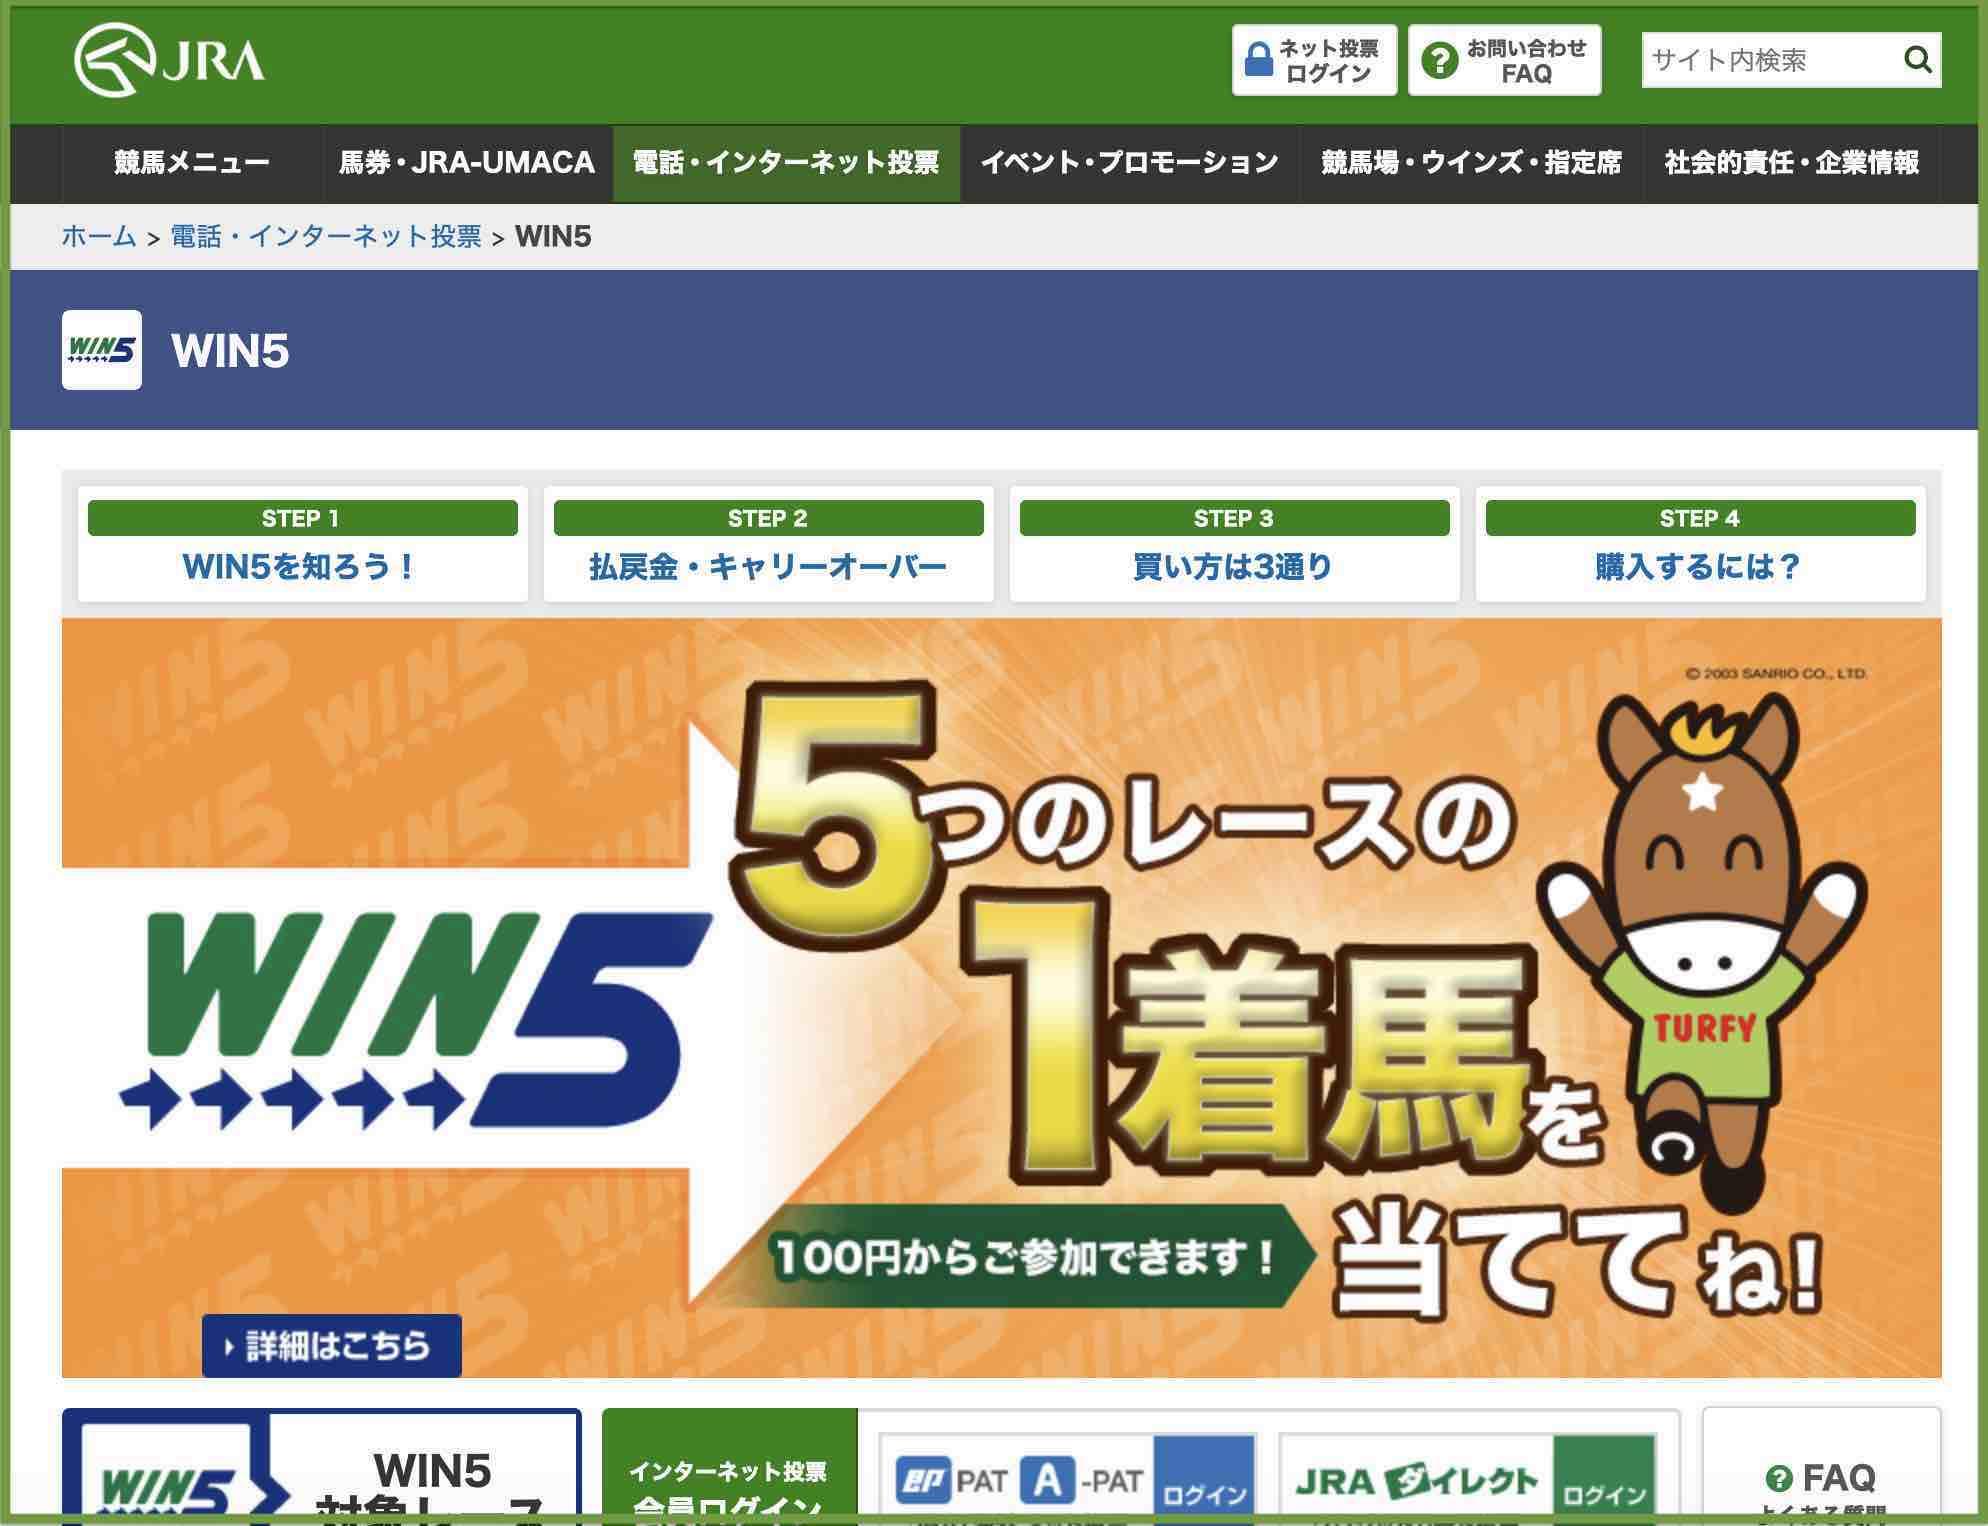 競馬のインターネット投票WIN5